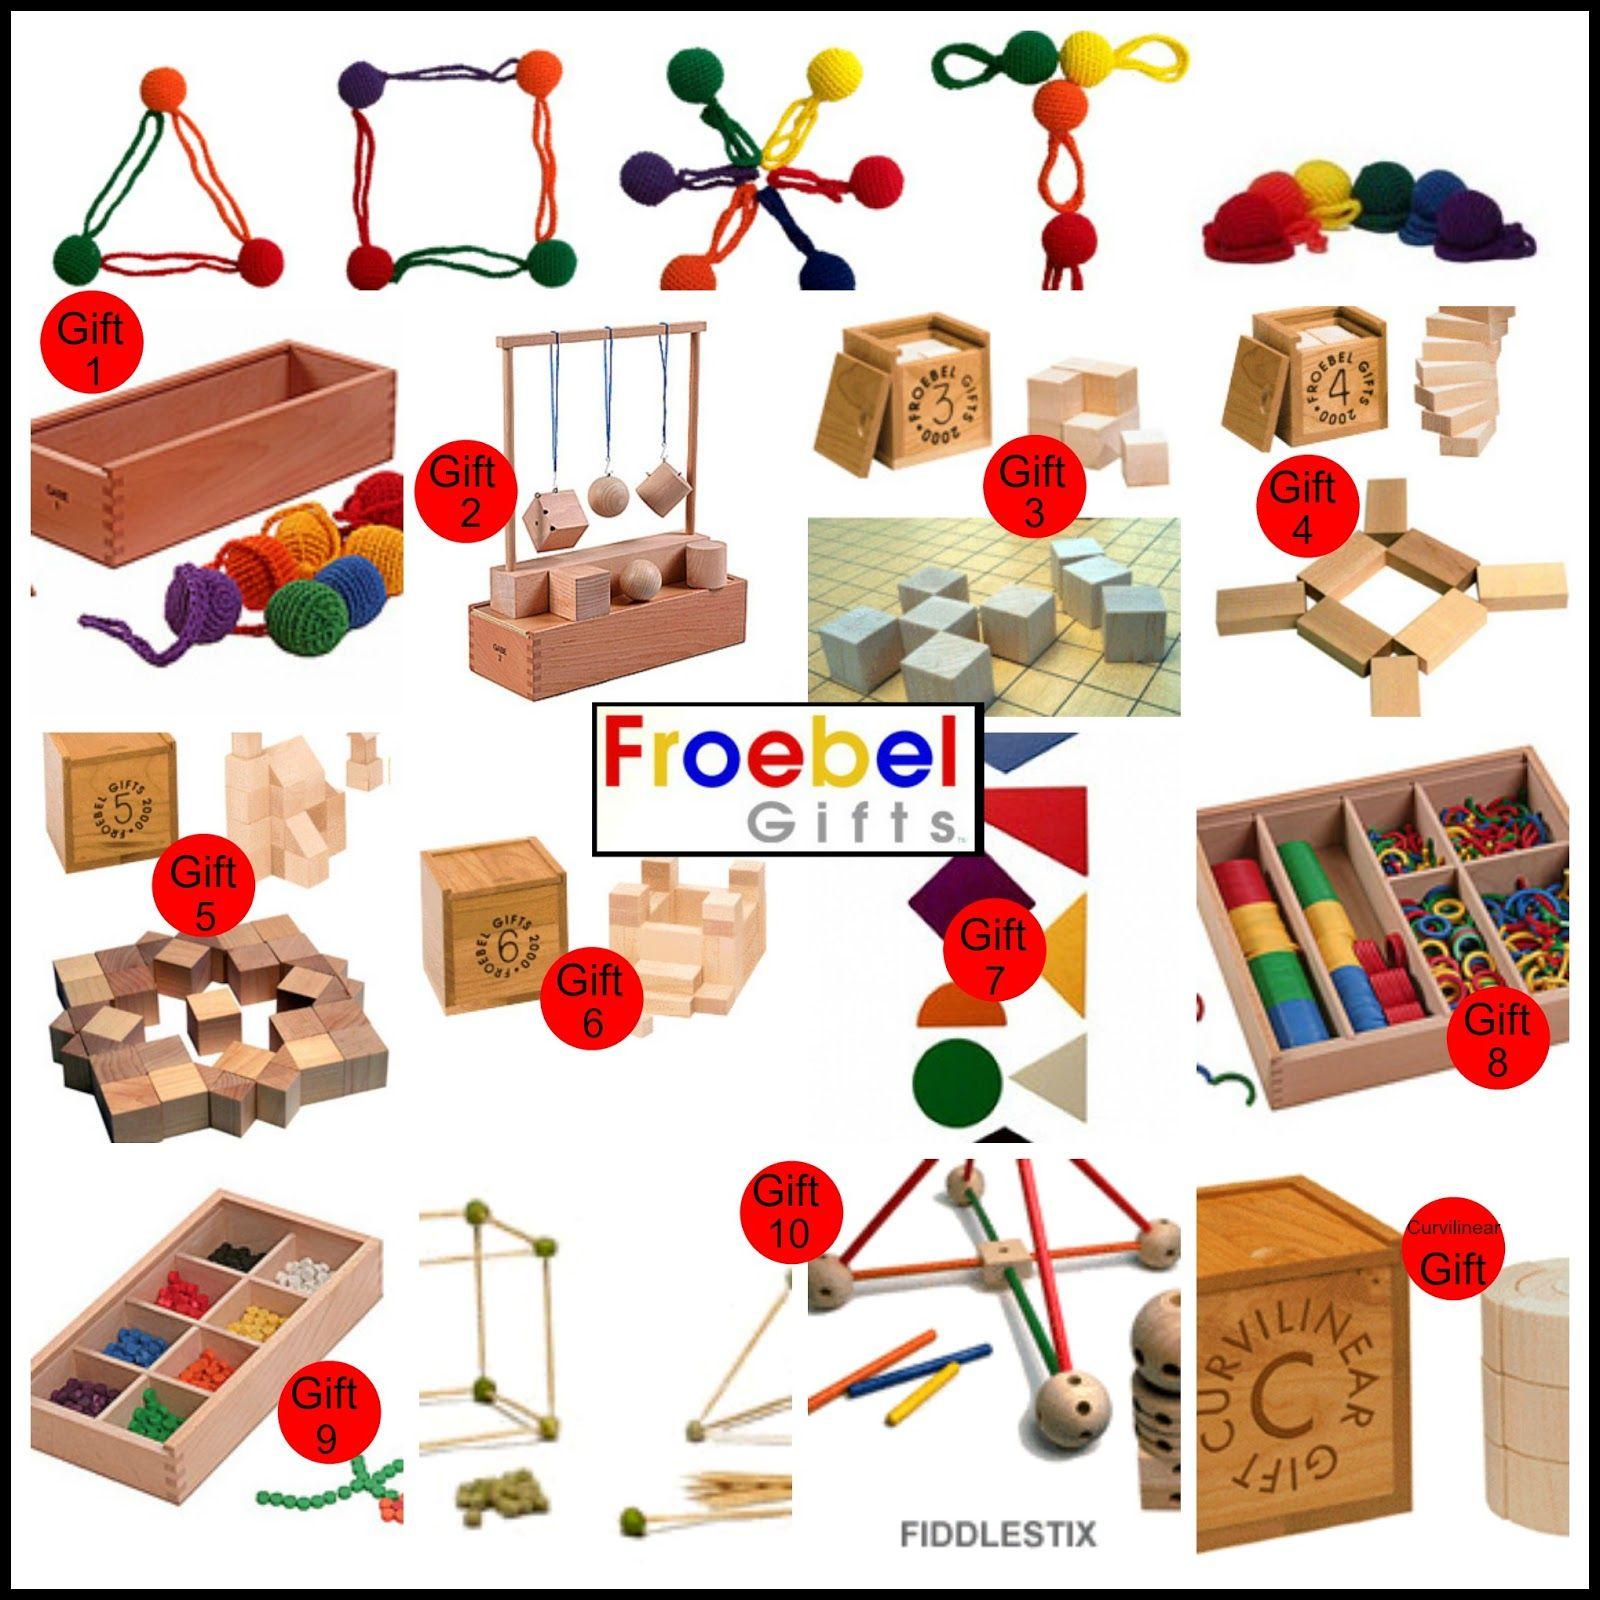 Froebel Gifts - The Original Spielgabe or Spielgaben ...